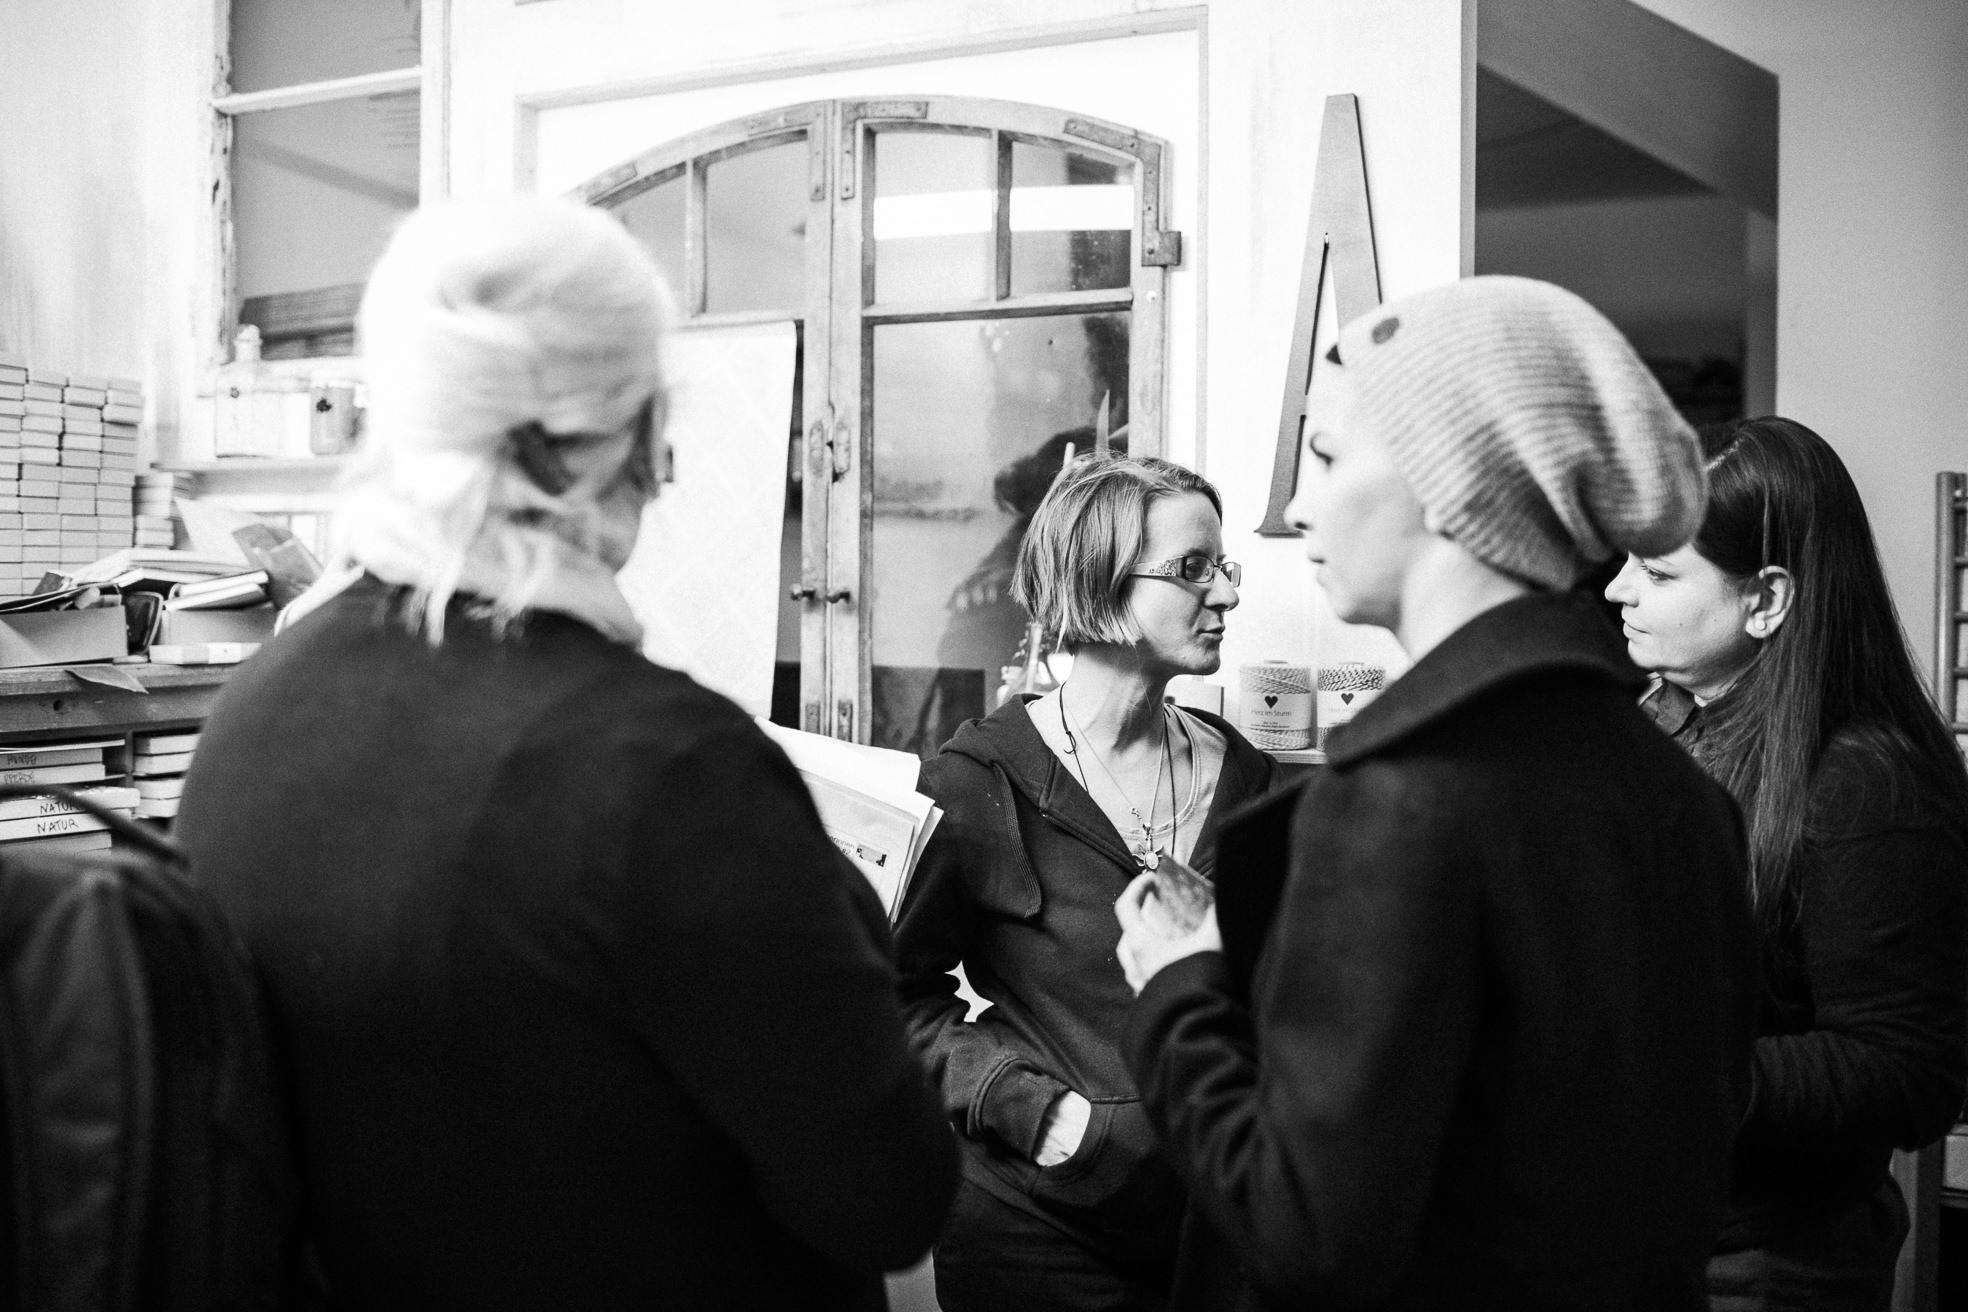 0047-Unternehmerinnen-Treffen-Anemoi--IM3C6839